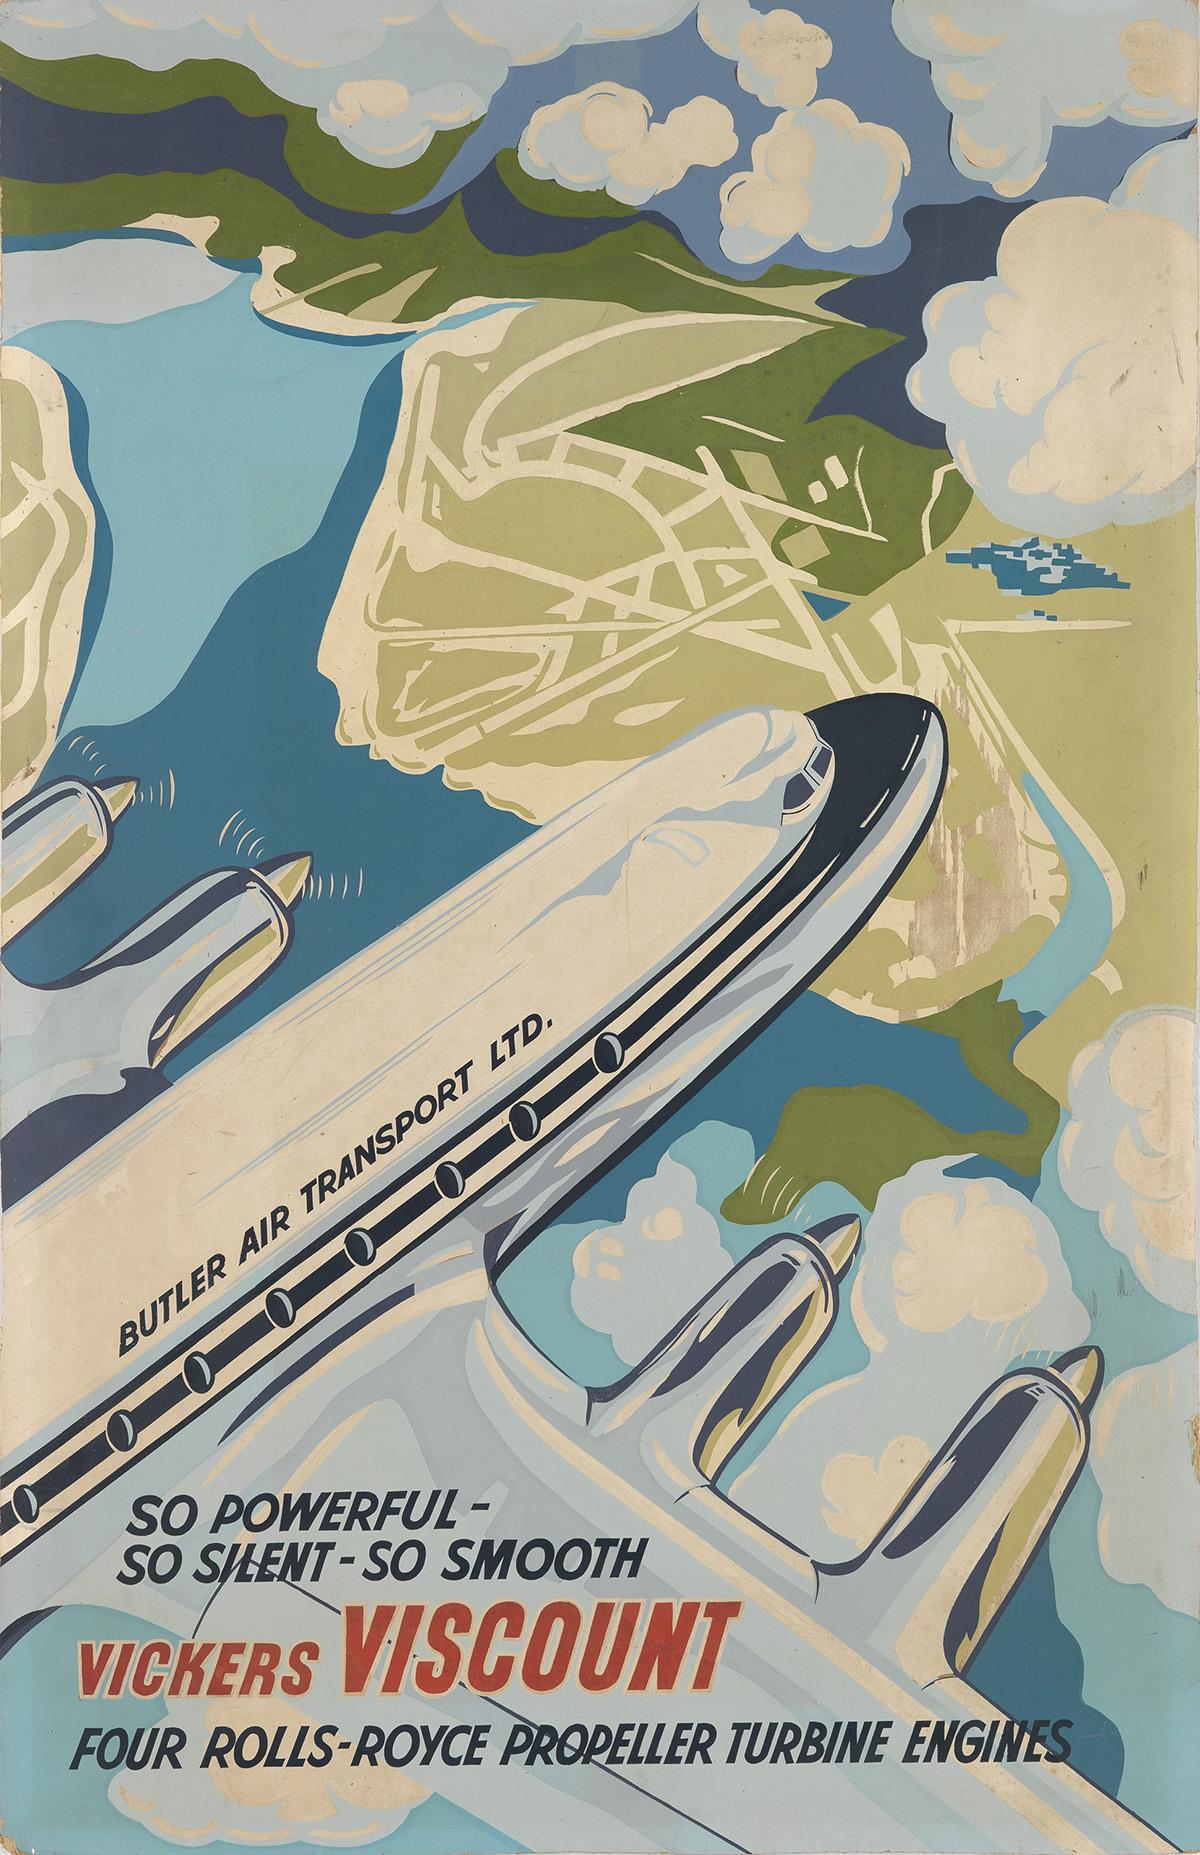 DESIGNER-UNKNOWN-VICKERS-VISCOUNT-Circa-1955-39x25-inches-99